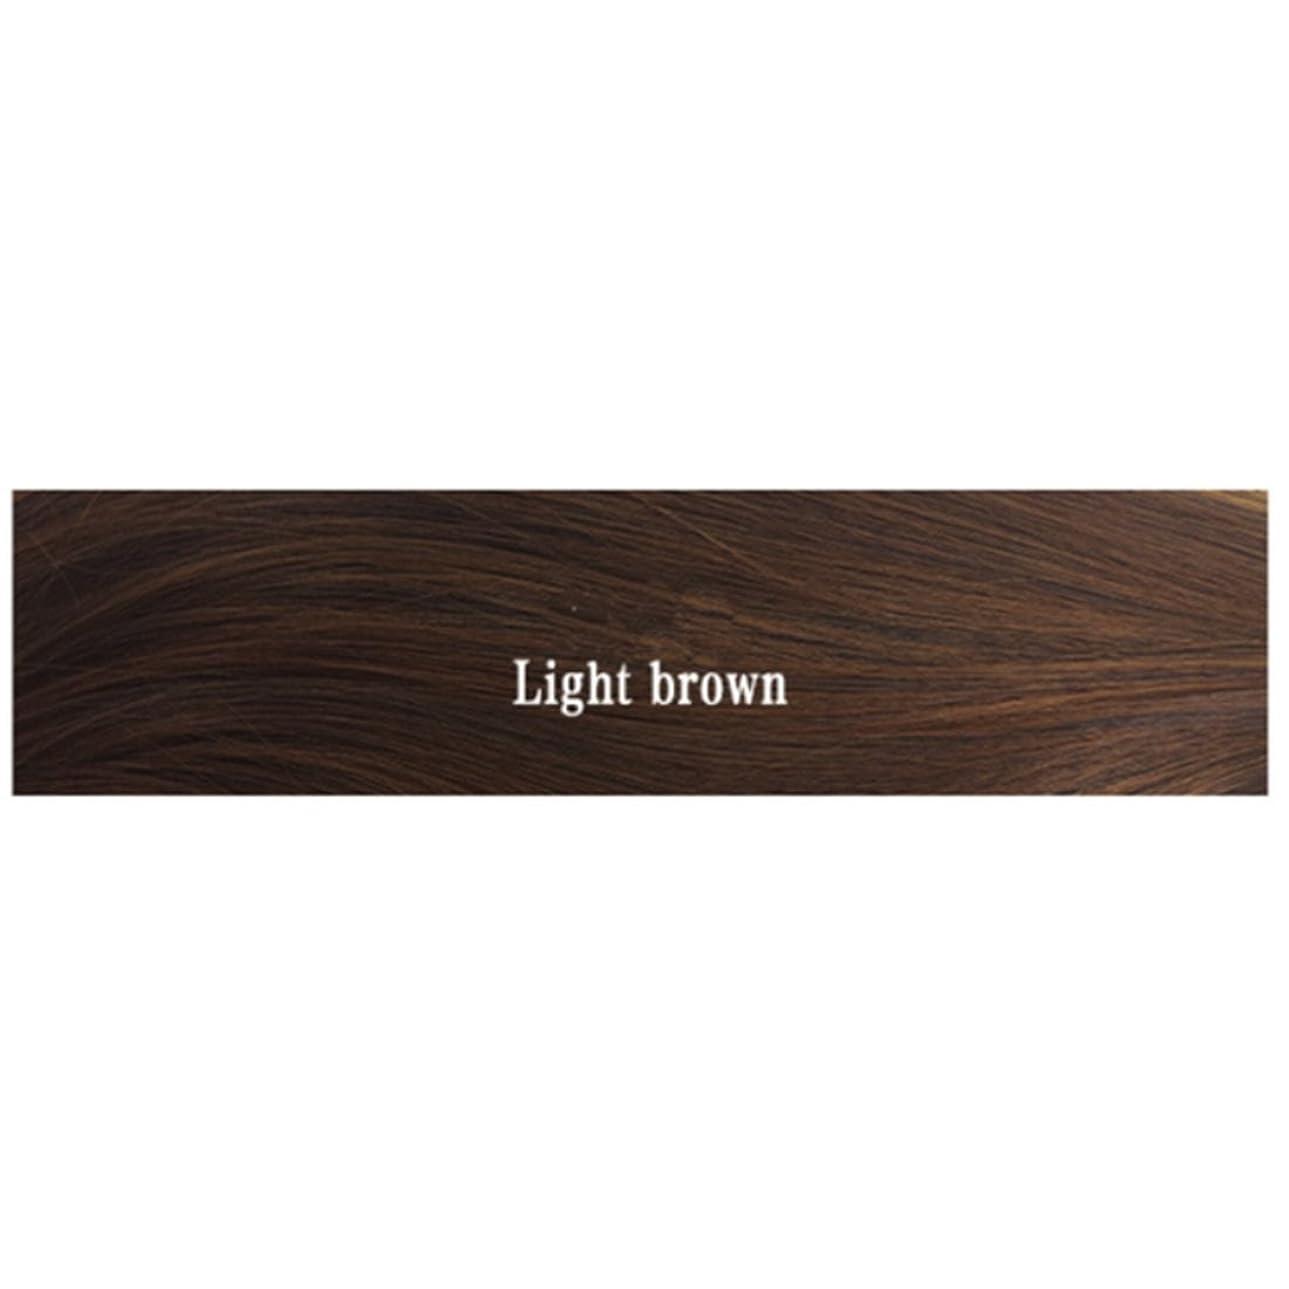 カナダ聖なる体系的にKoloeplf ウィメンズ ウィッグ、エアー フラット 付き マイクロボリューム ストレート バックル ヘアー シンバス 耐熱 ウィッグ 長さ65cm (Color : Light brown)